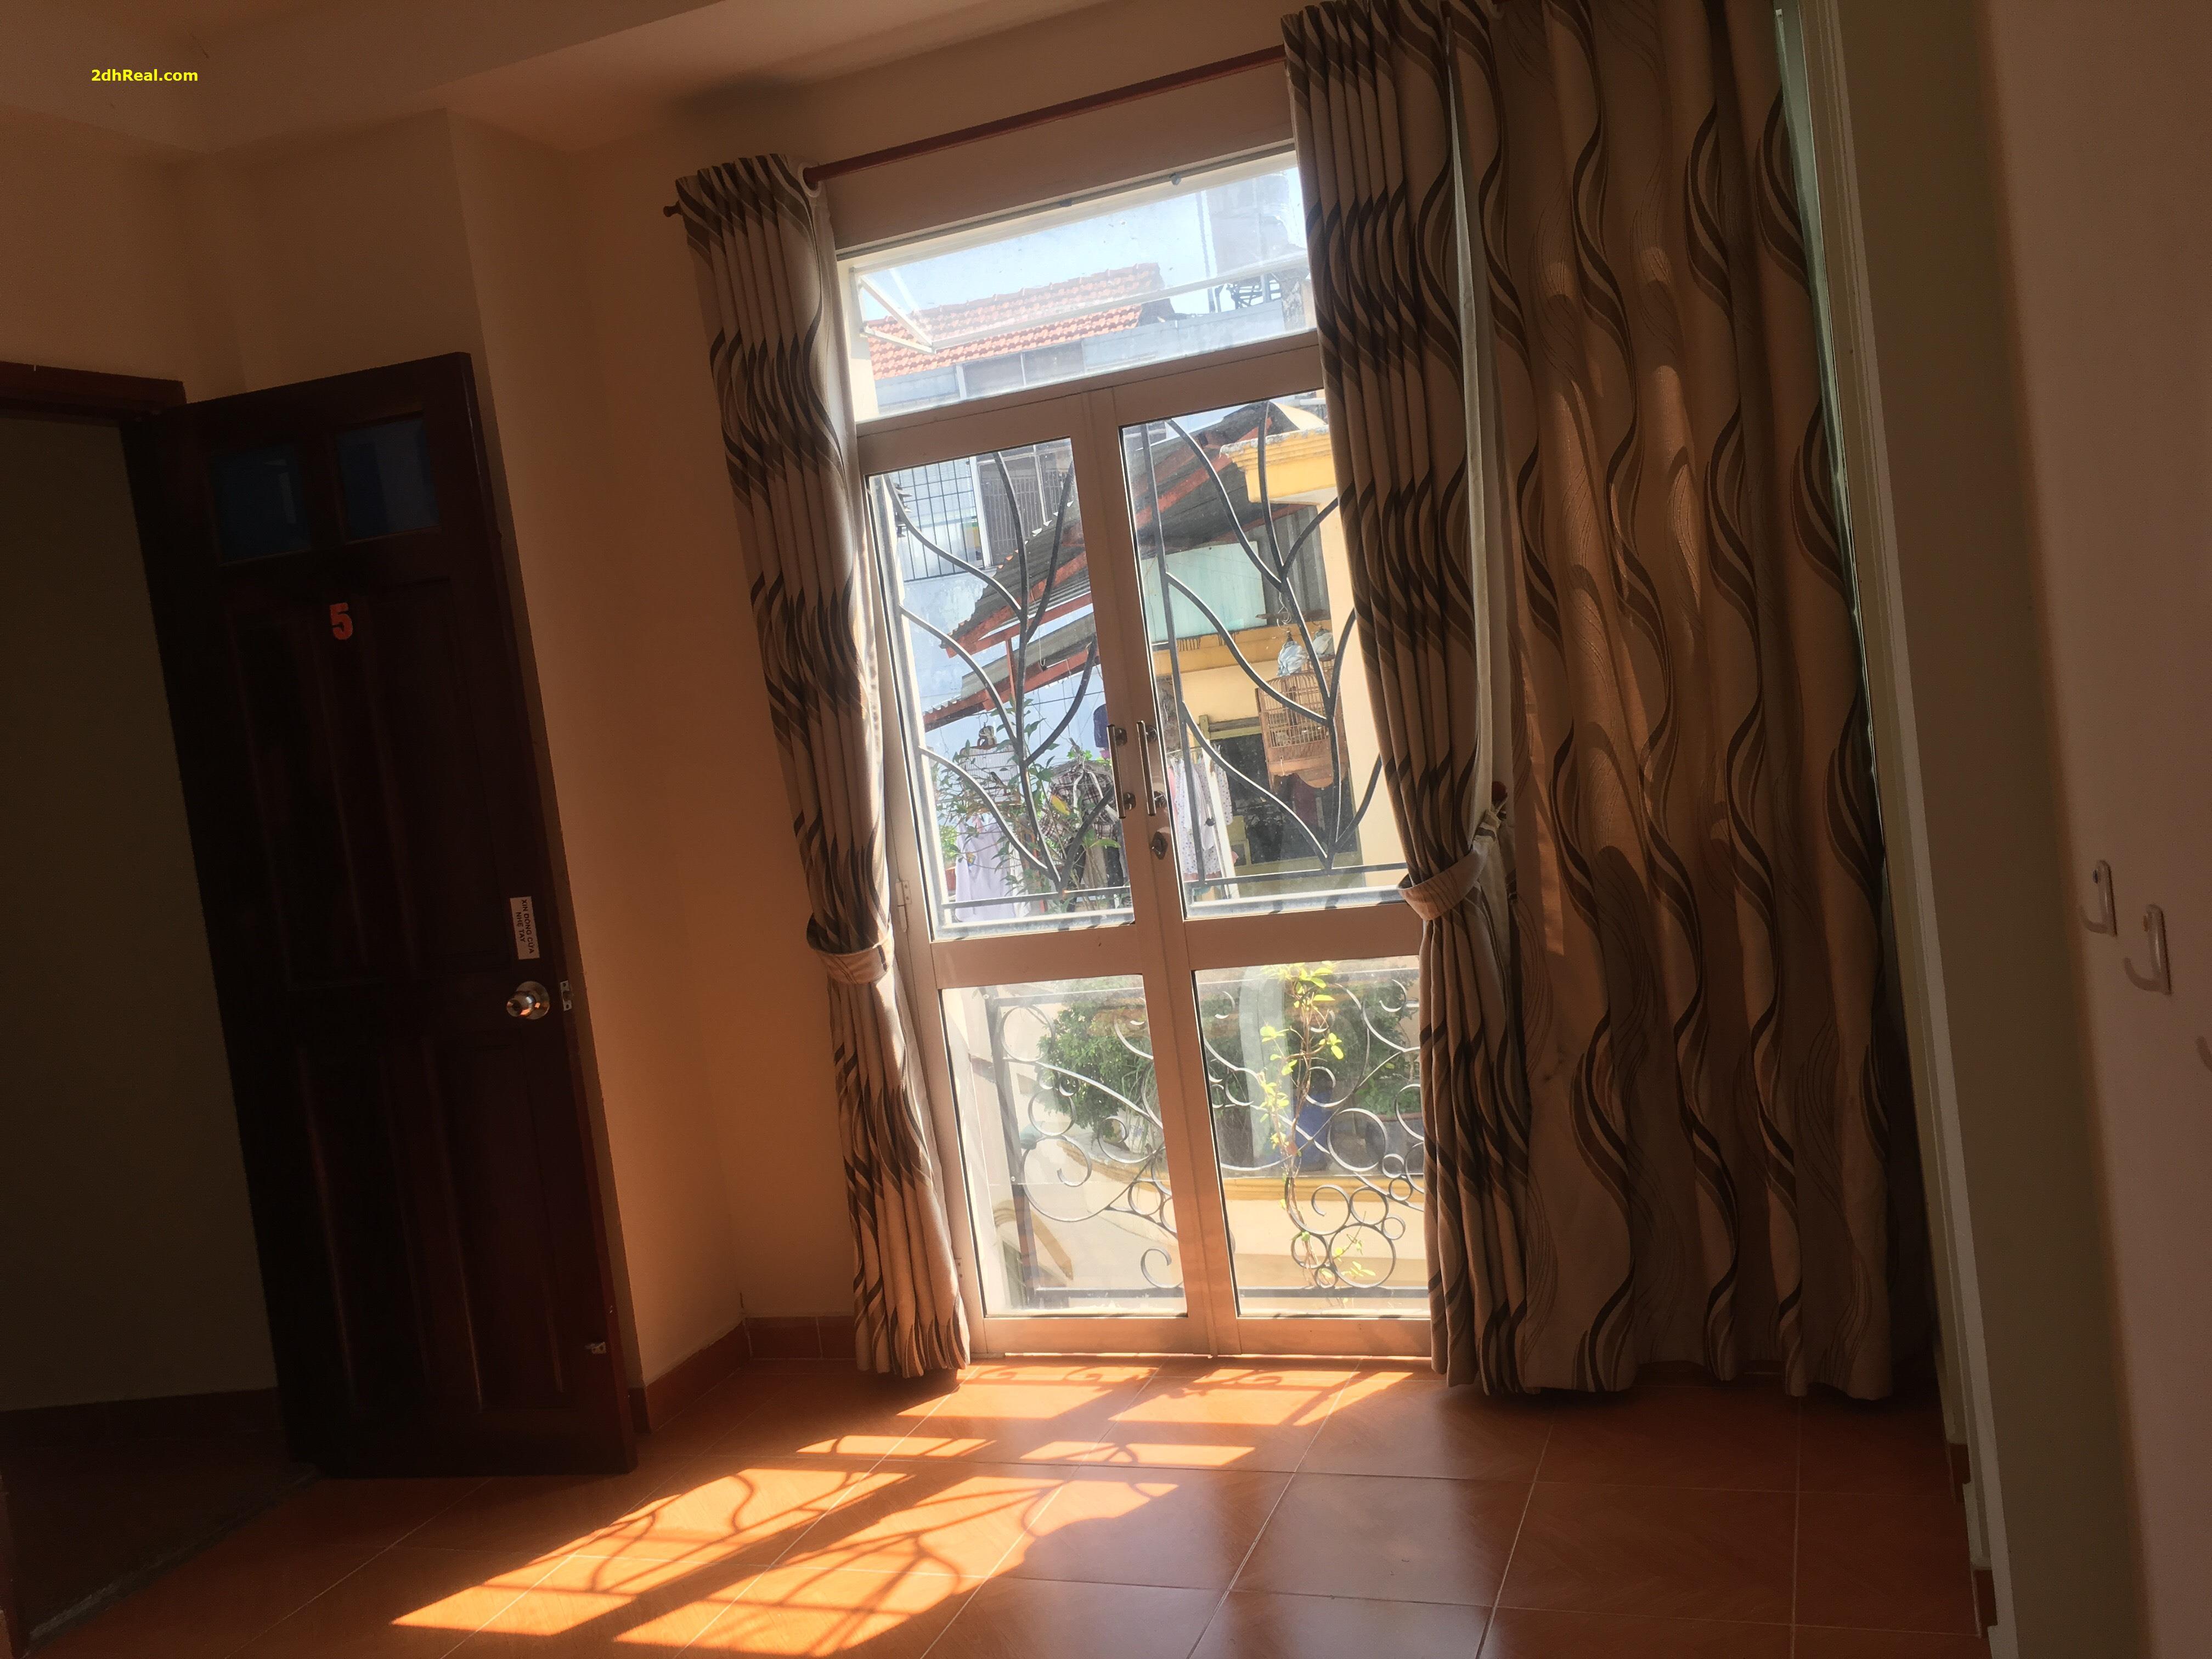 Cho 1 nữ đi làm thuê phòng, rộng rãi thoáng mát, 22m2, ban công & cửa sổ